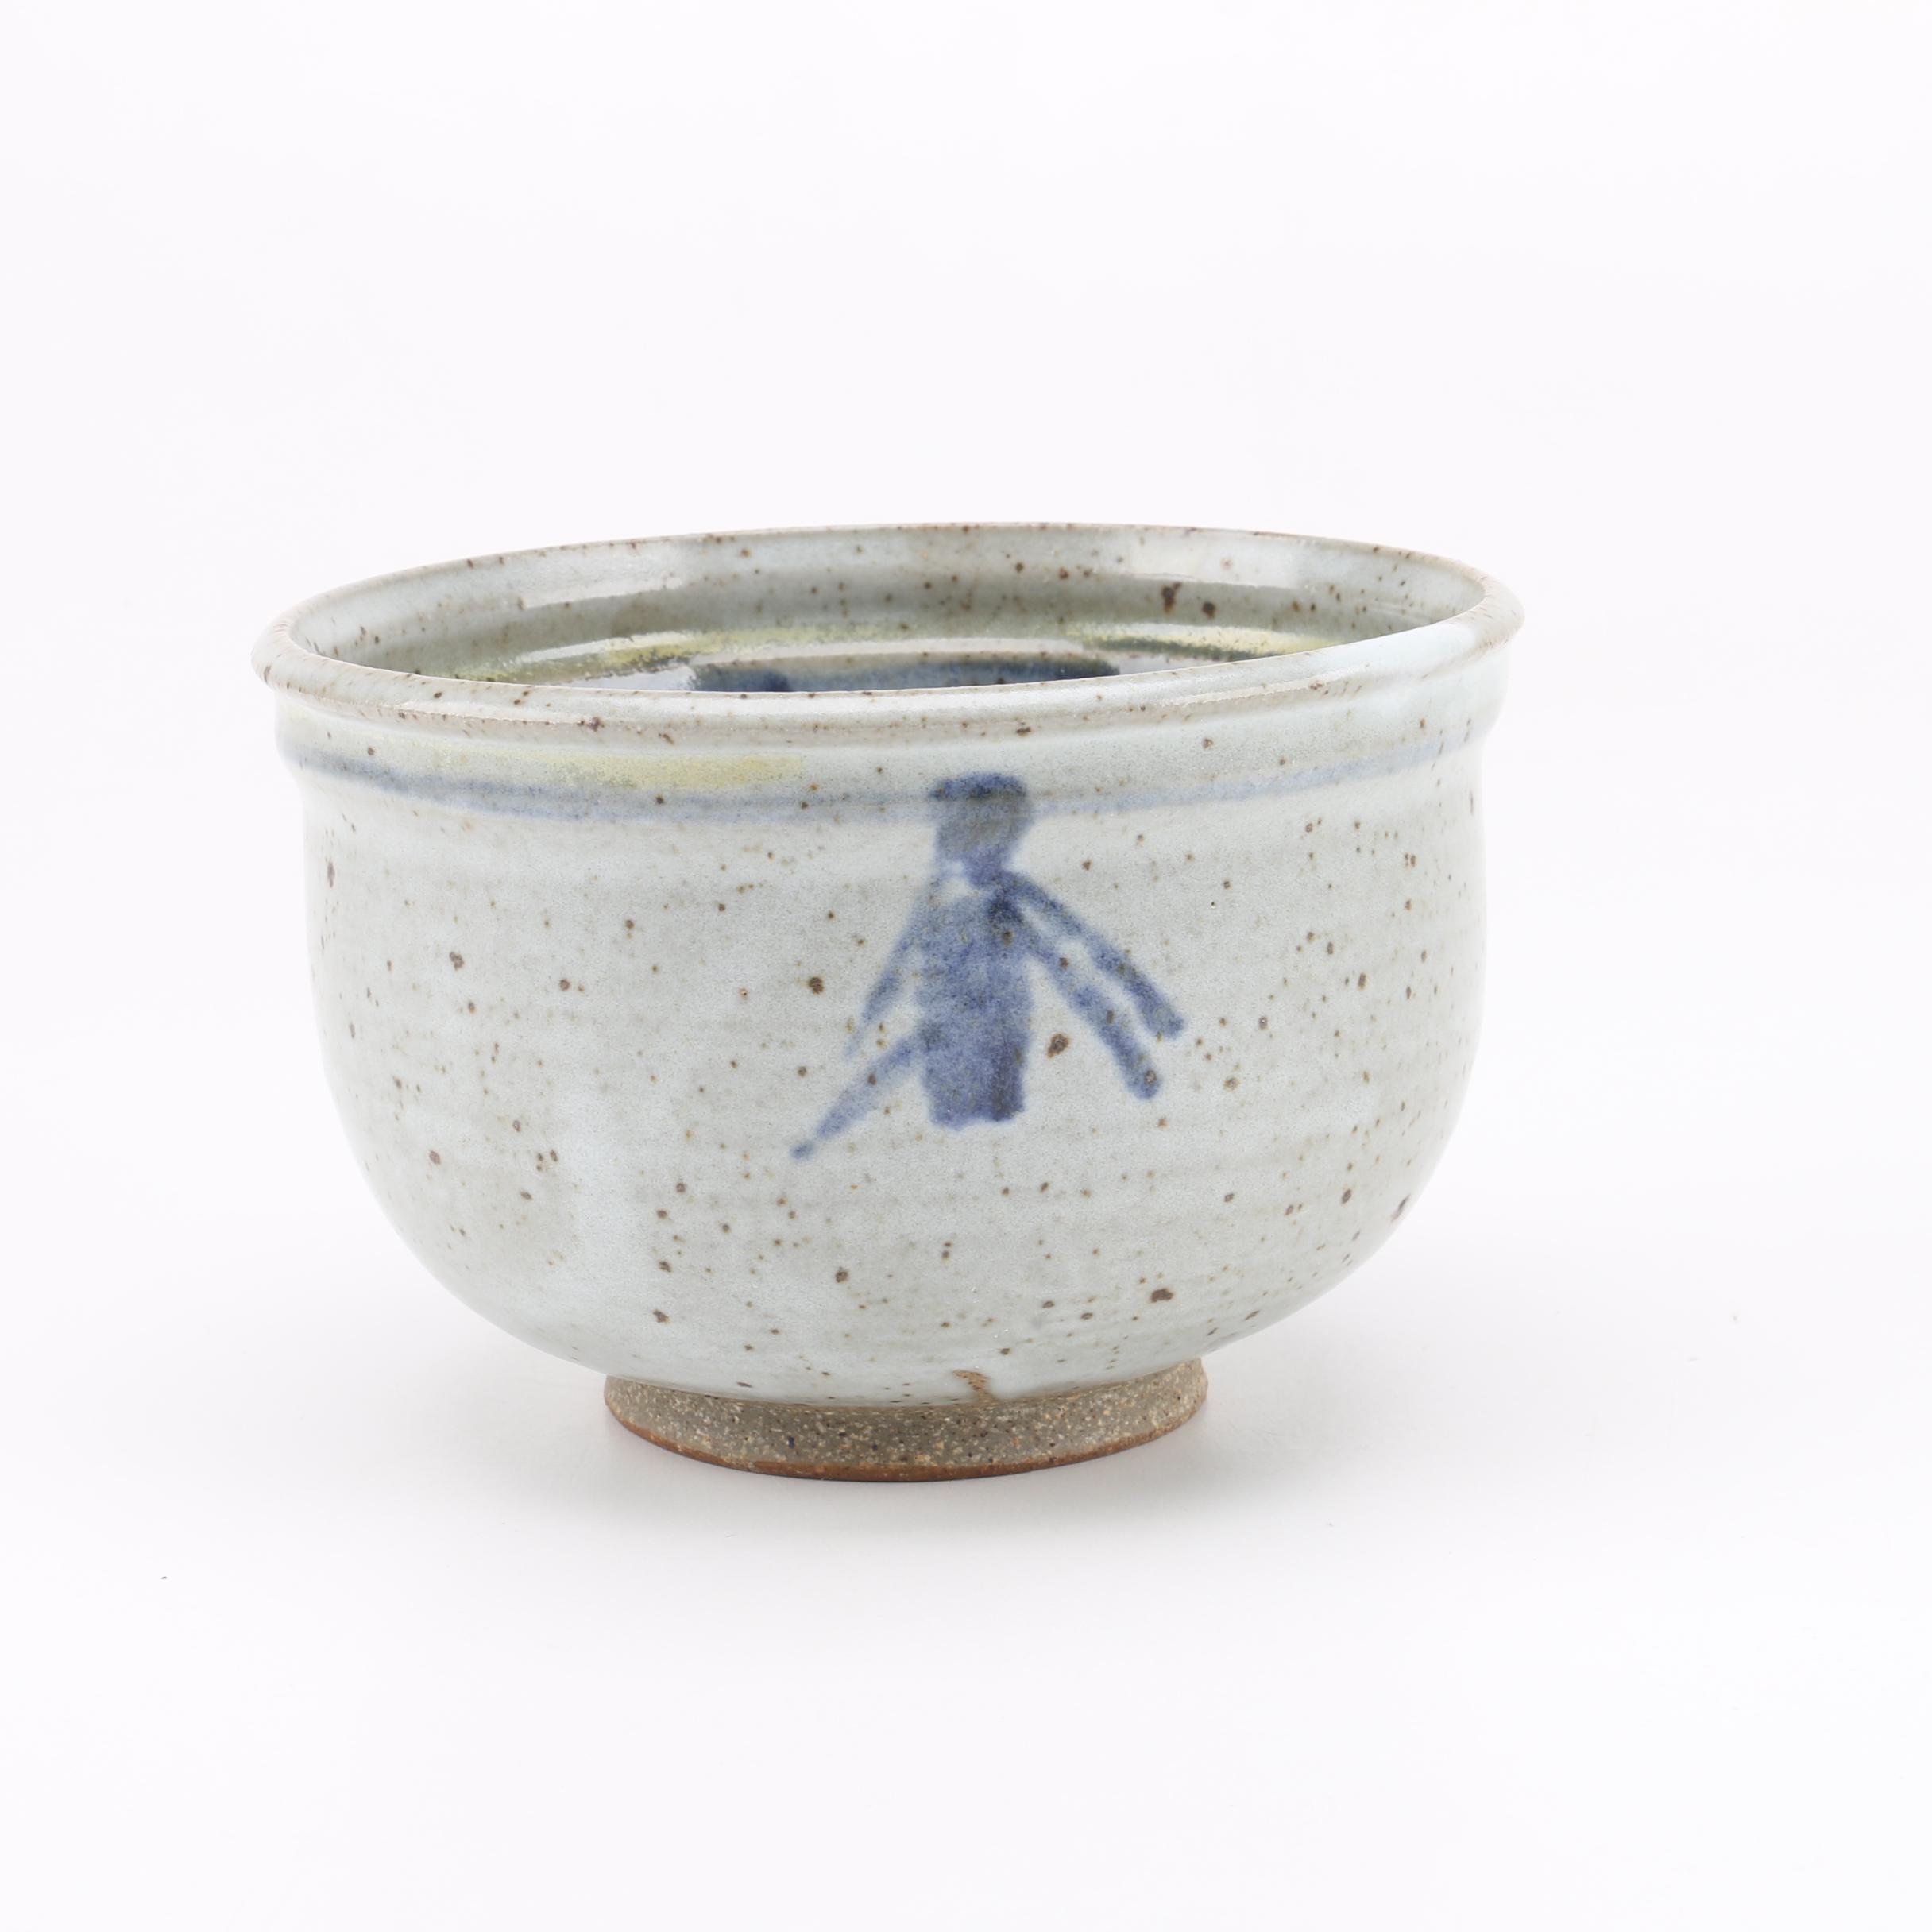 Hand Thrown Stoneware Tea Bowl